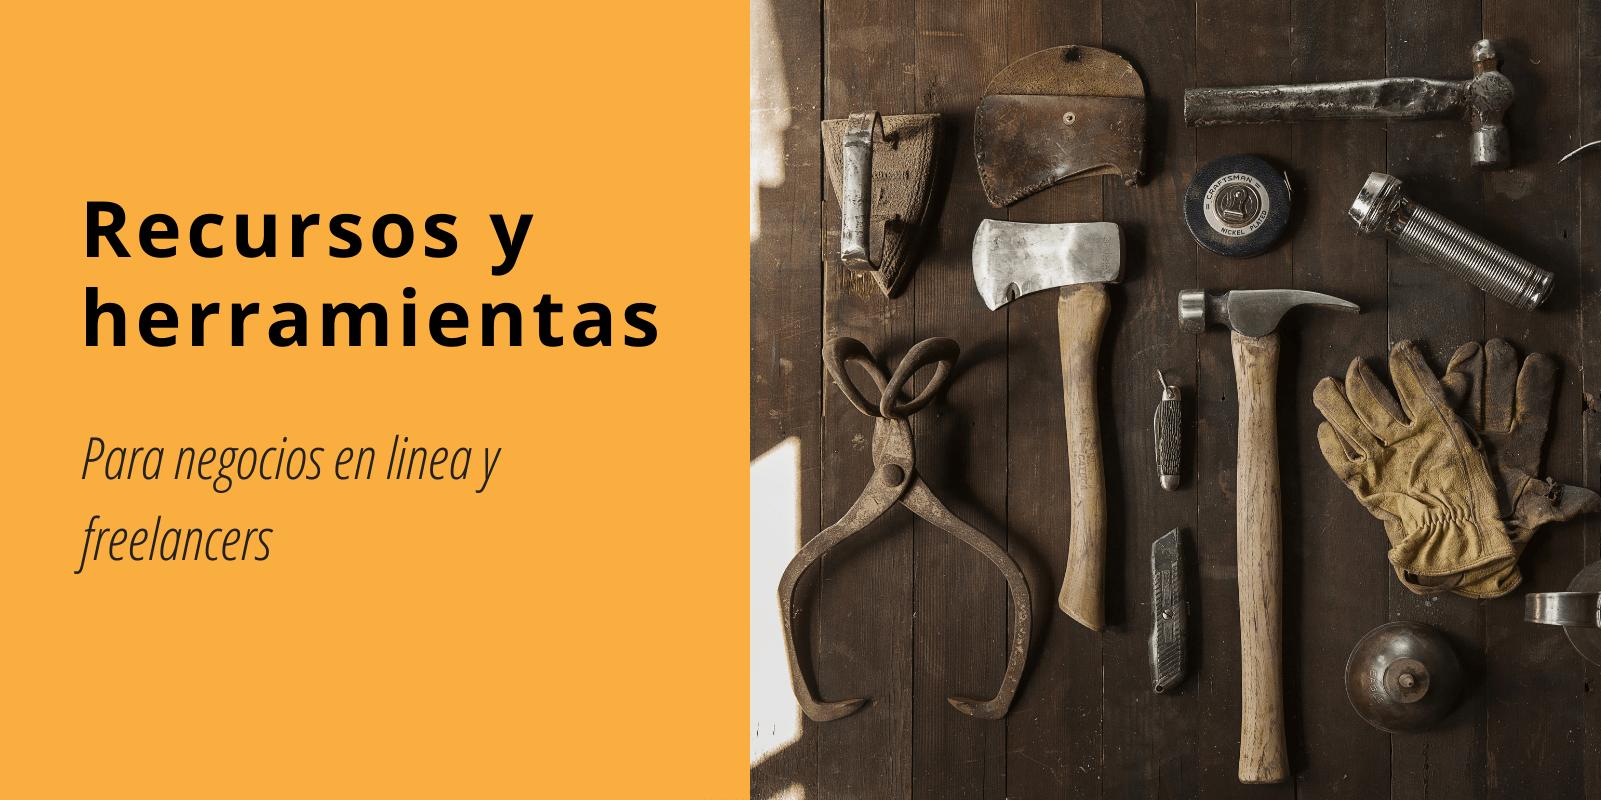 Recursos y herramientas para freelancers